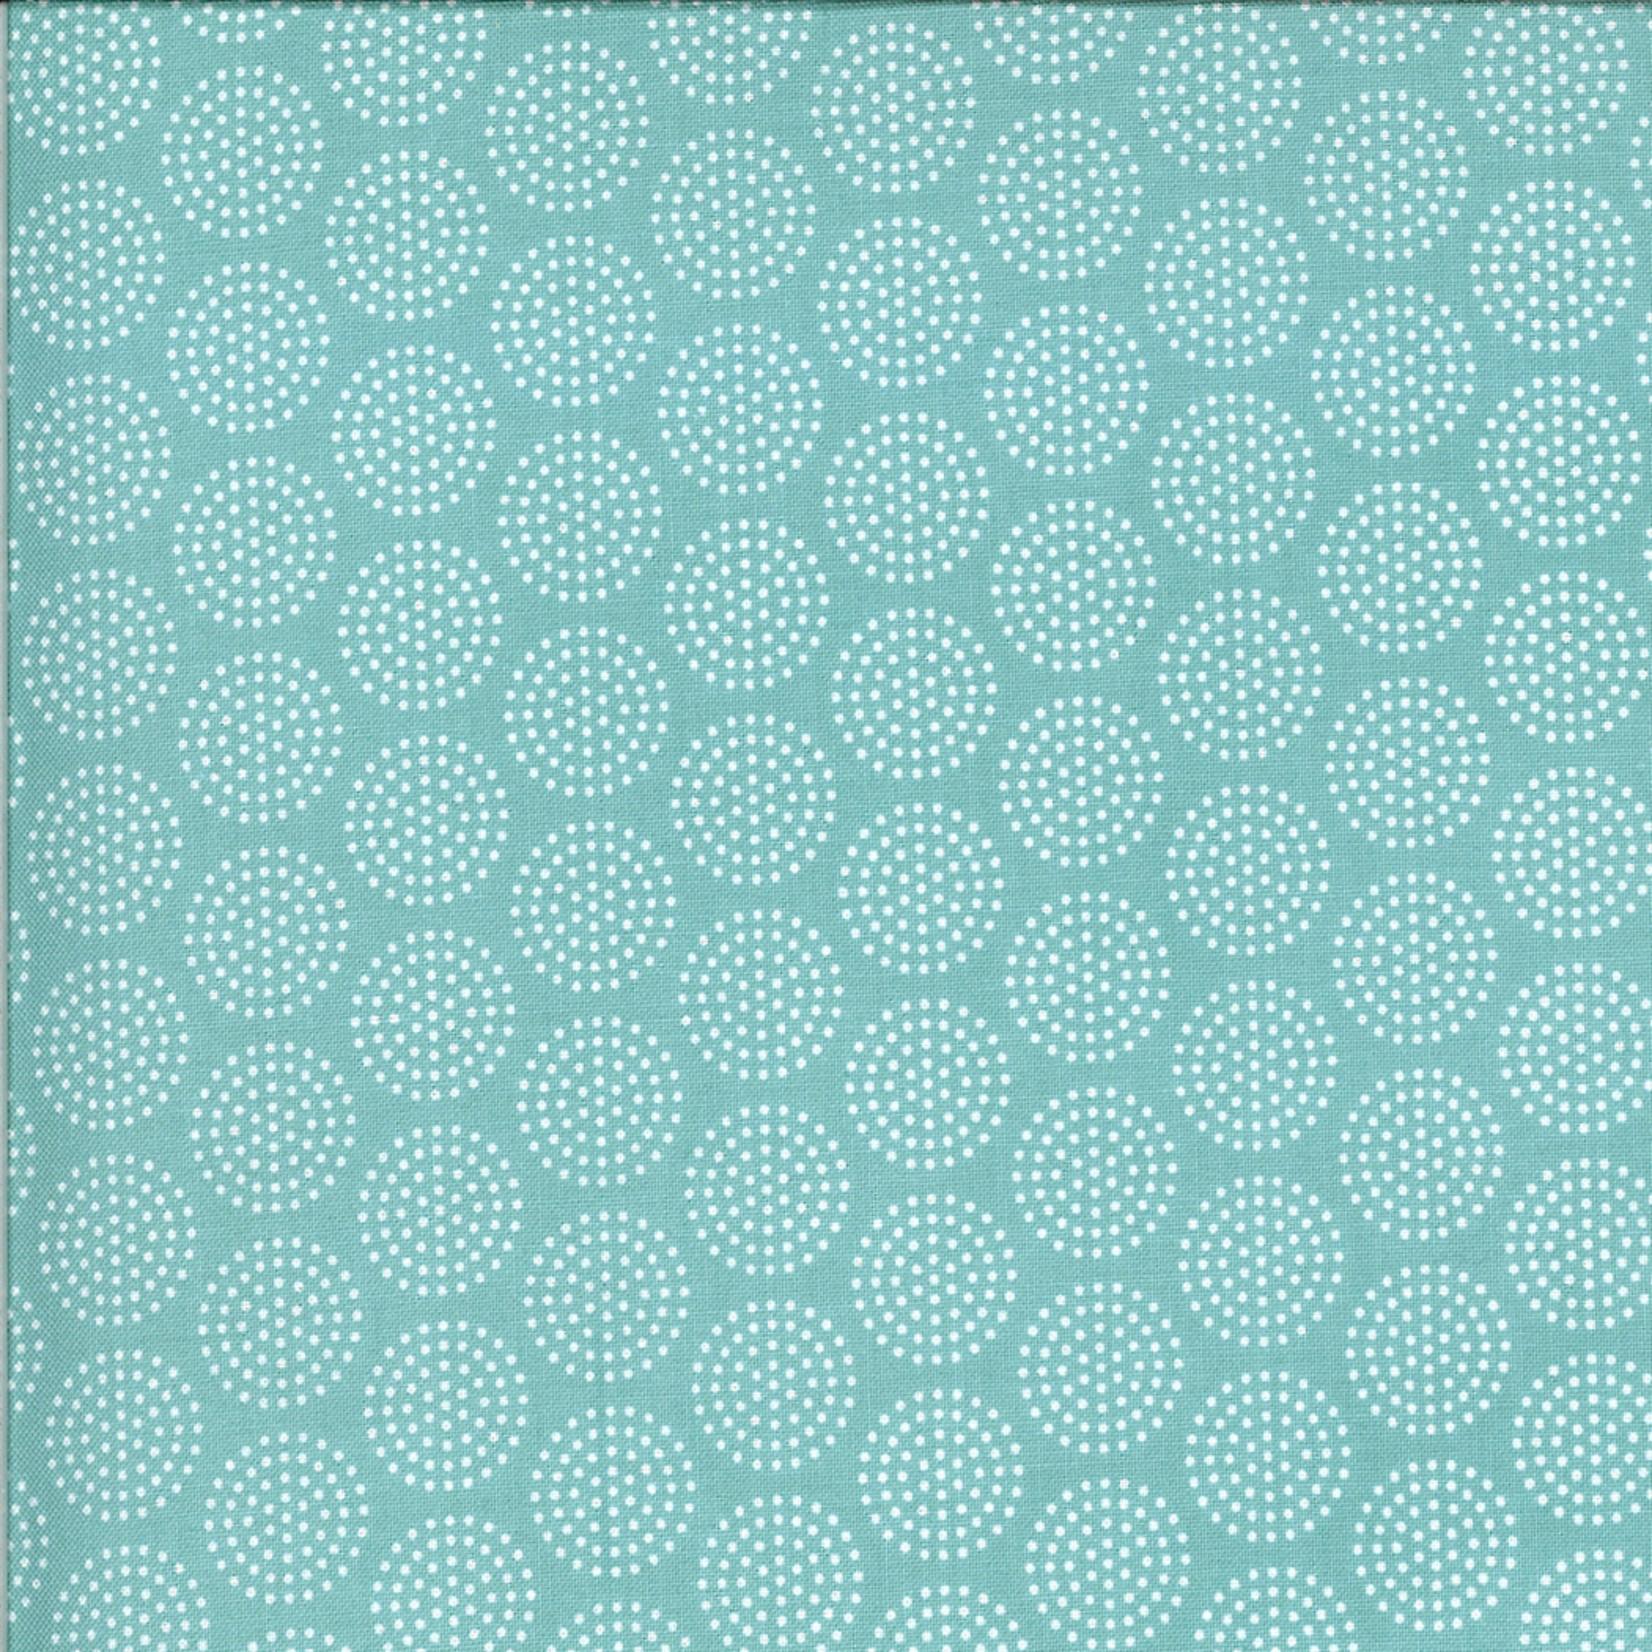 Sweetwater Animal Crackers, Circles, Splash (Brushed Cotton) per cm or $20/m